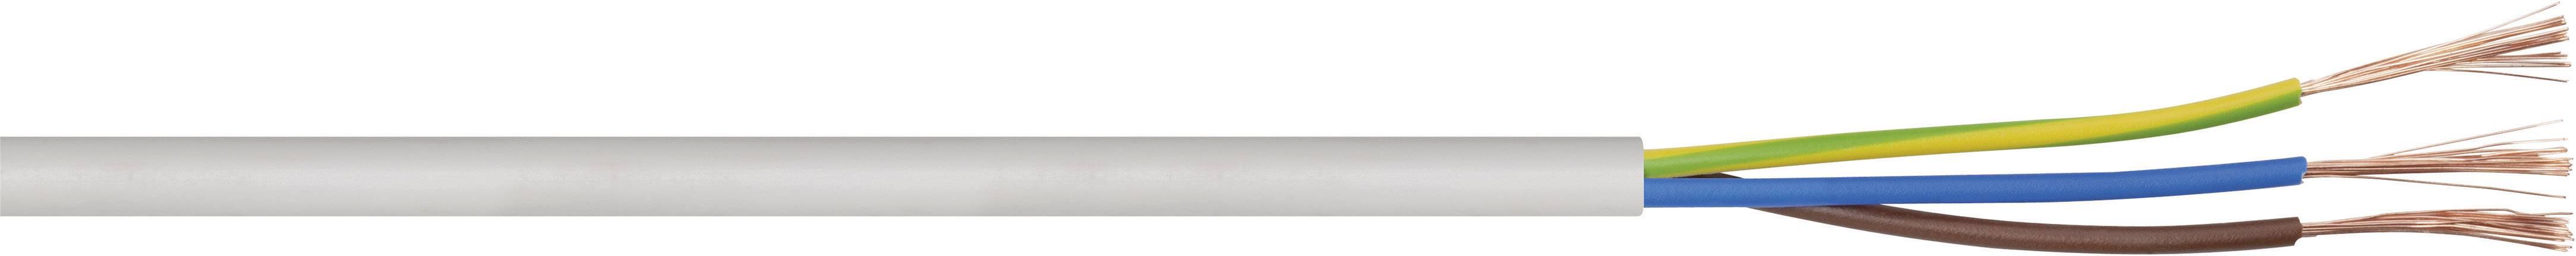 Vícežílový kabel LappKabel H03VV-F, 49900068, 3 x 0.75 mm², bílá, metrové zboží